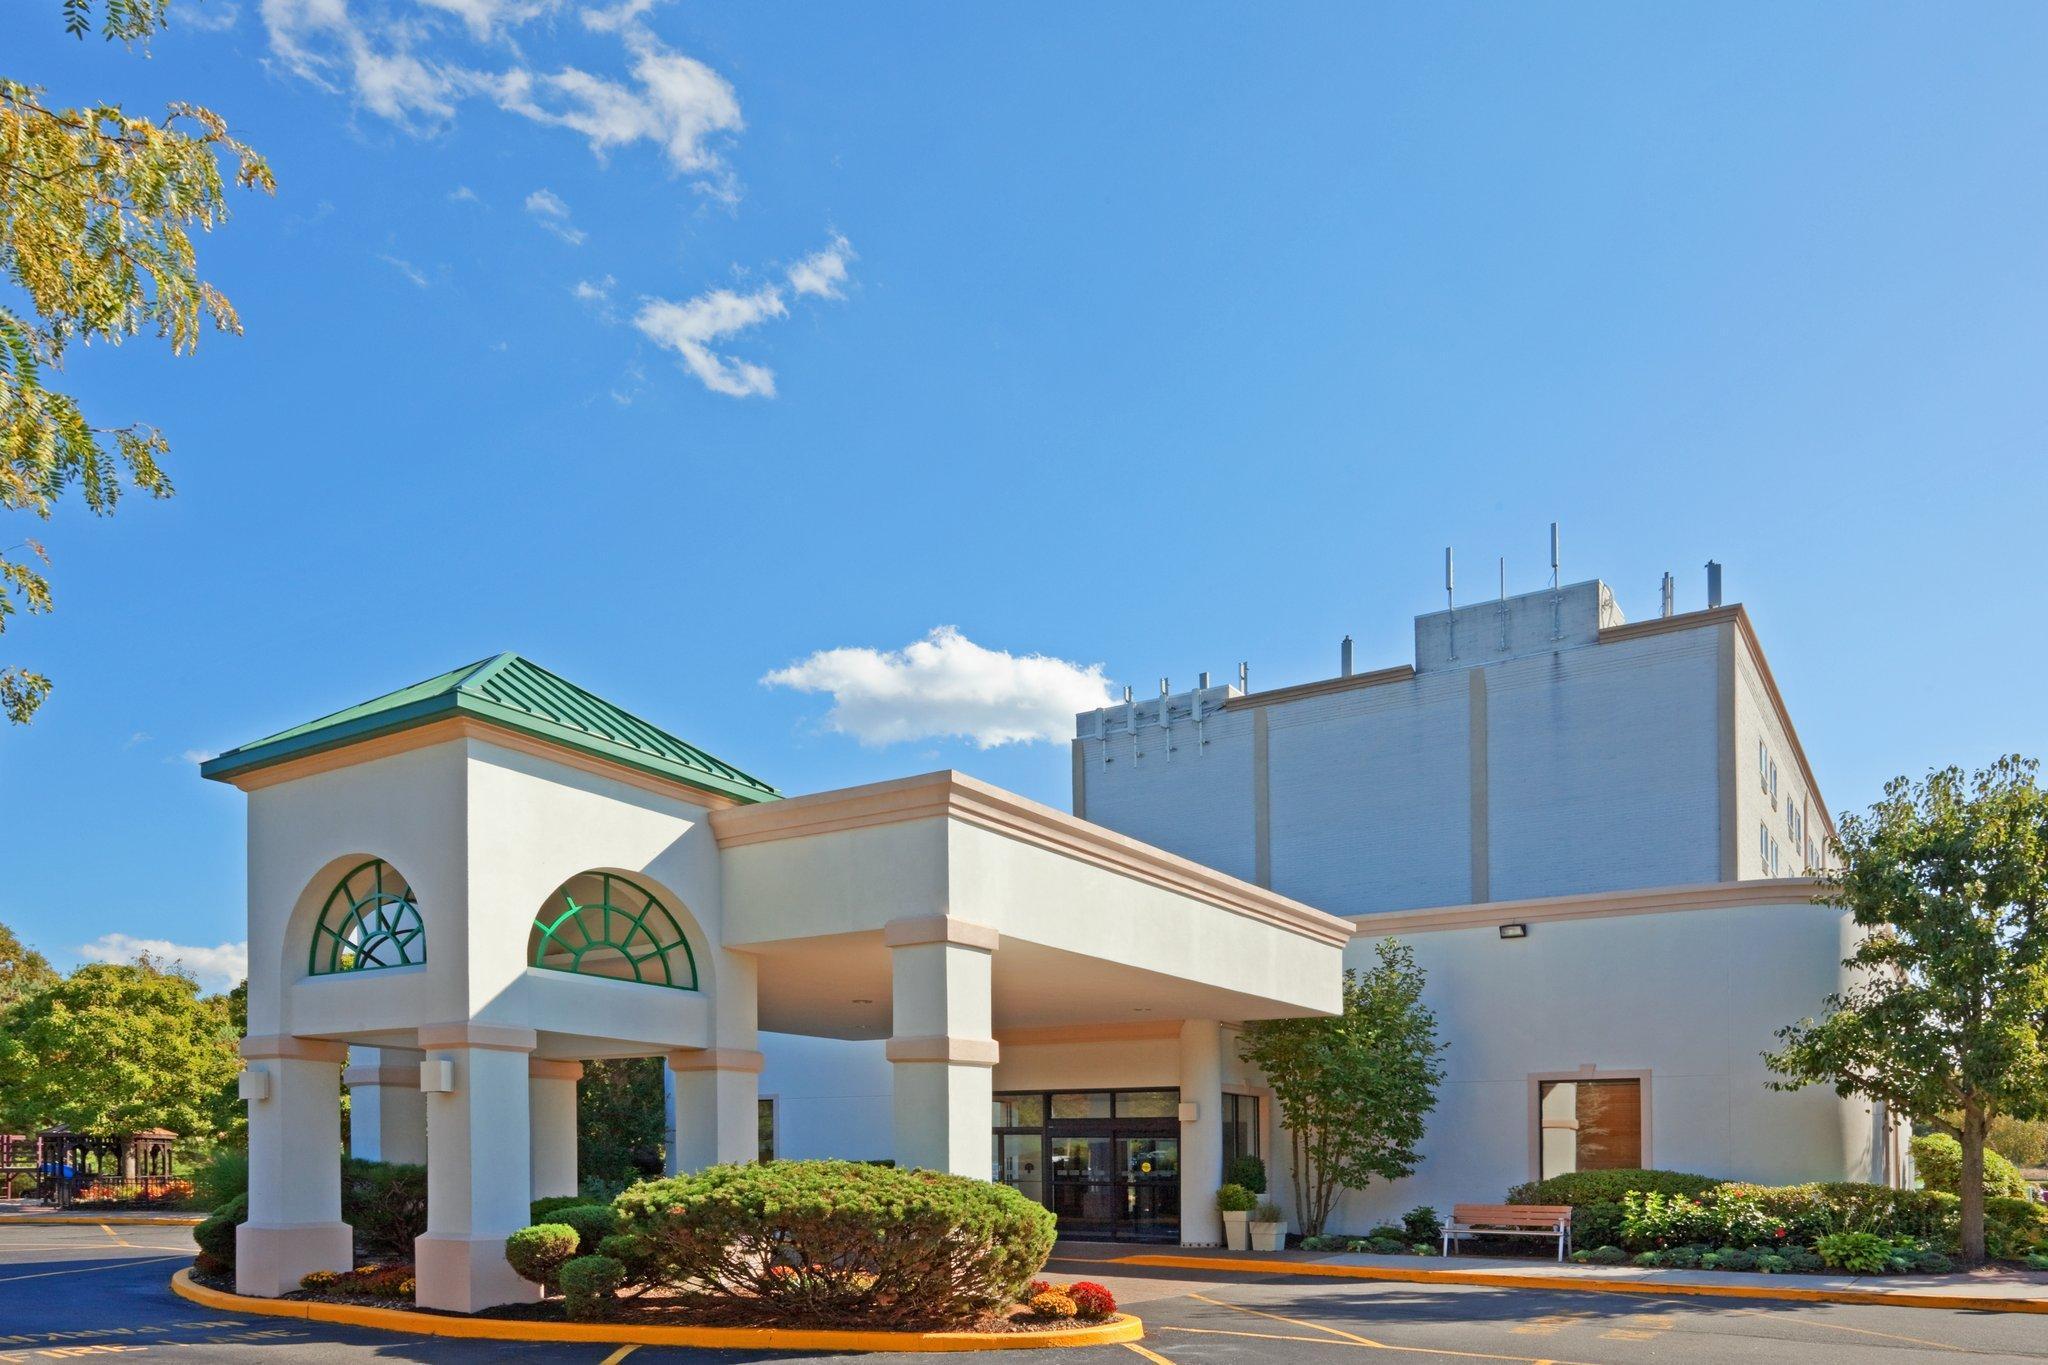 Holiday Inn Express Stony Brook Long Island